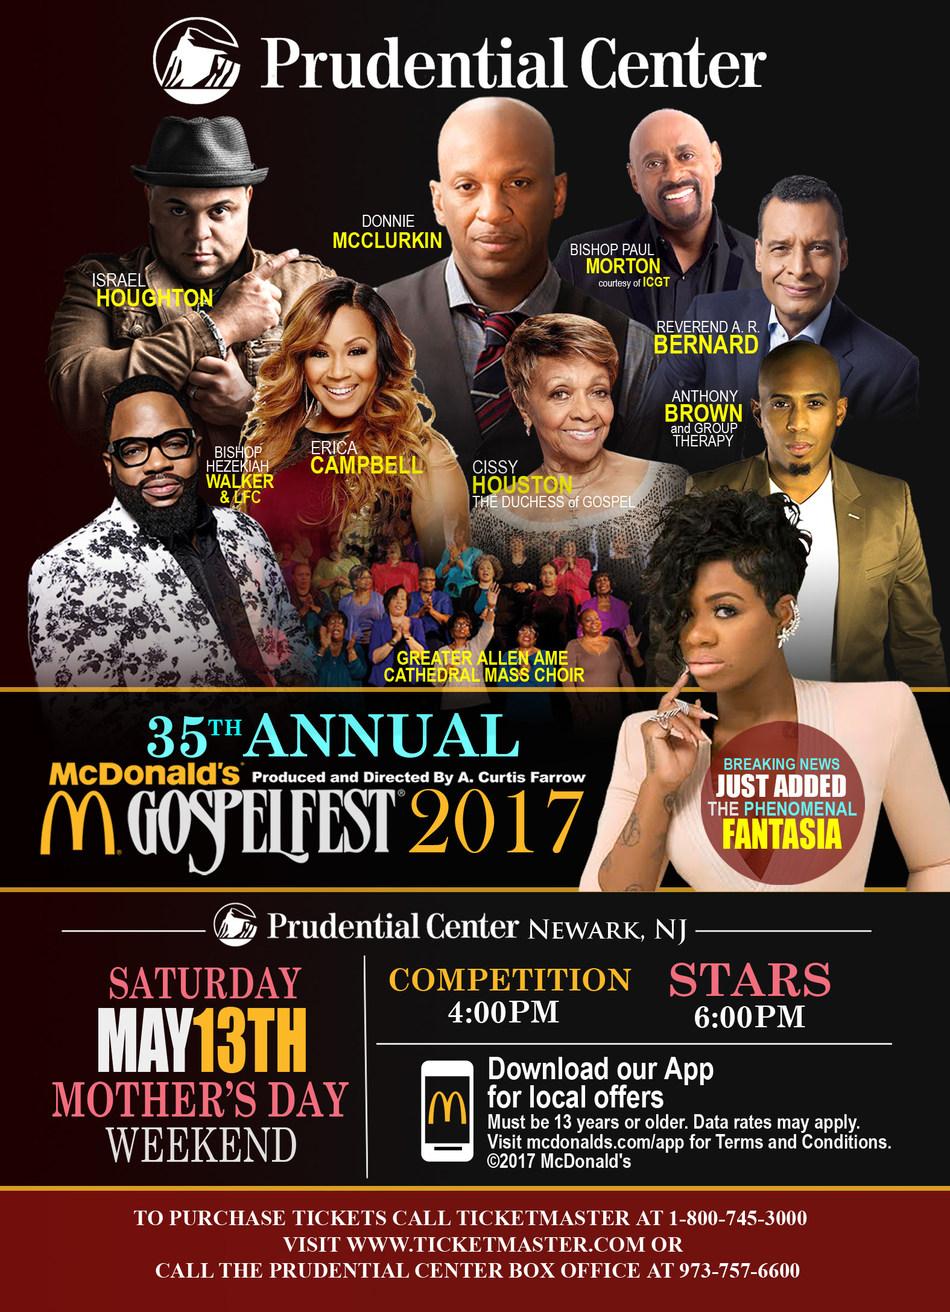 McDonald's Gospelfest 2017 poster